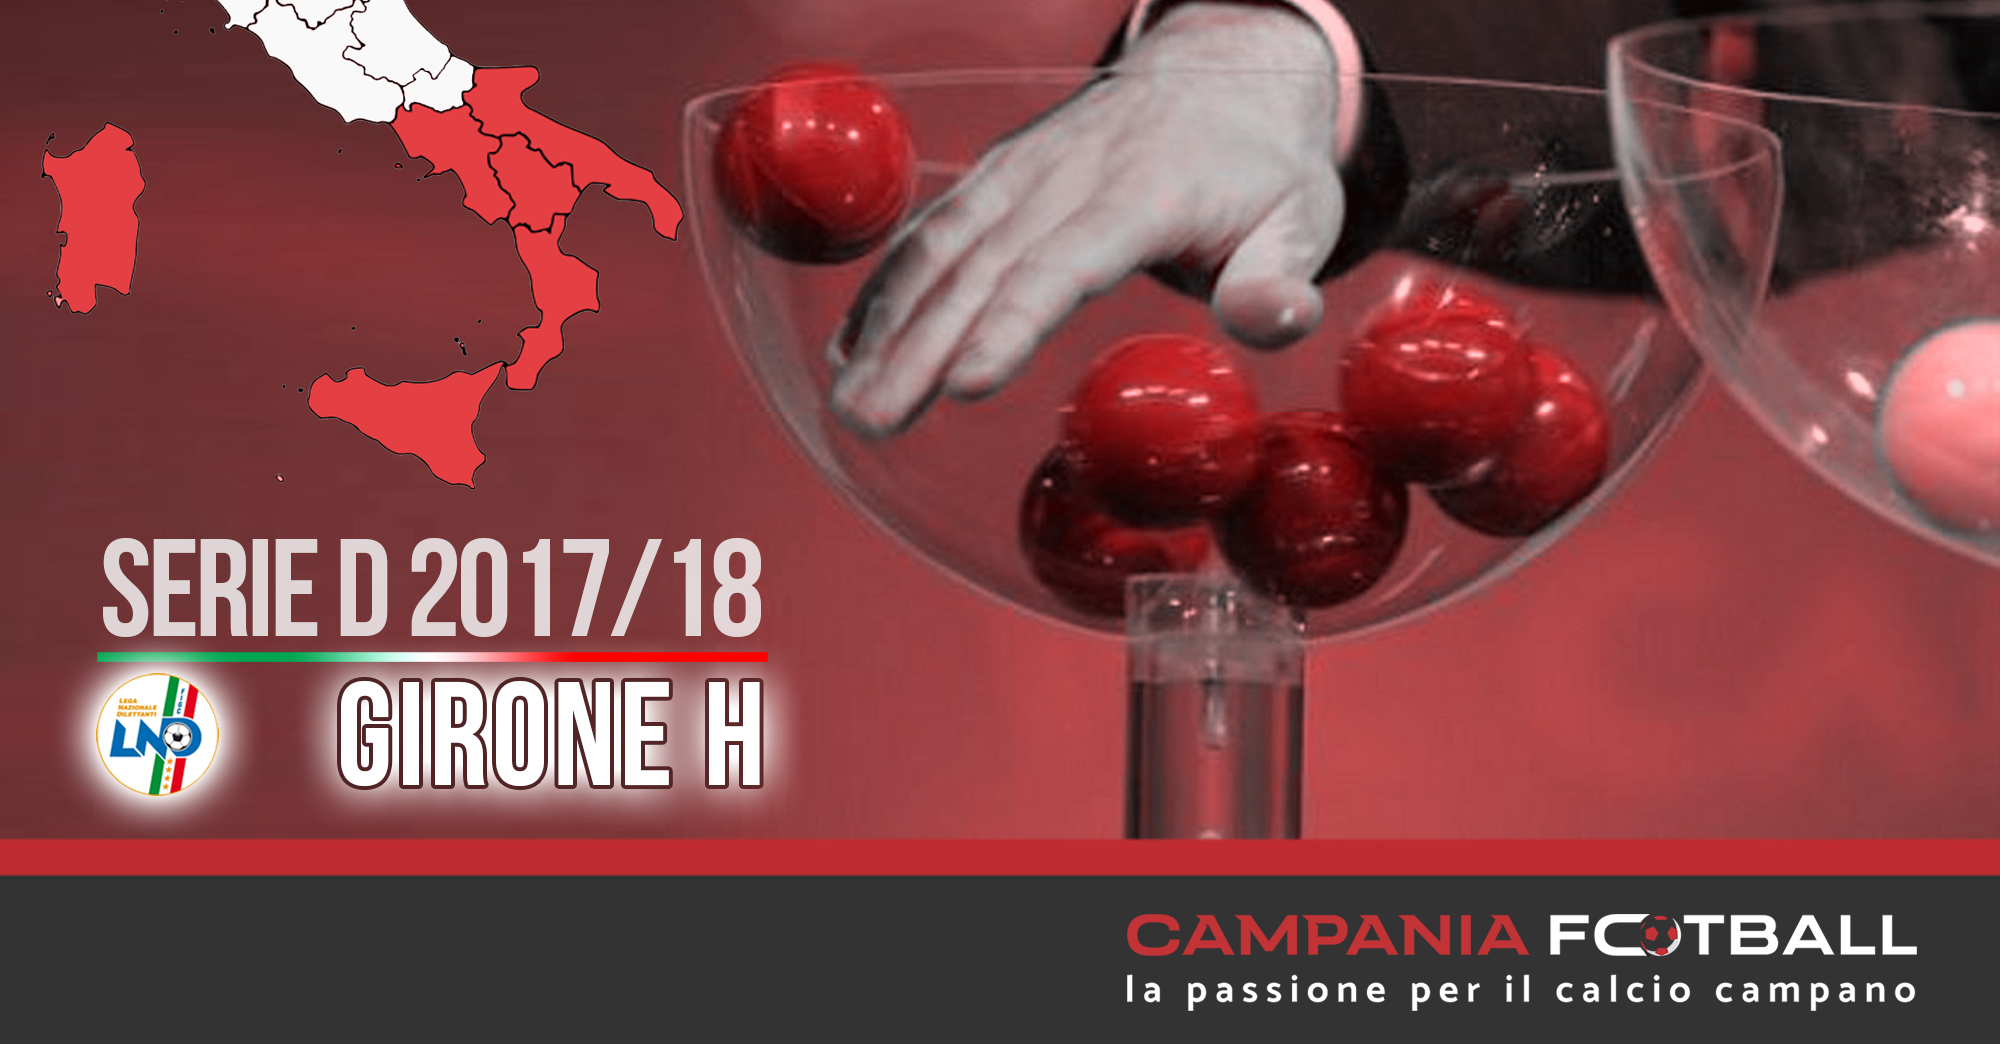 SERIE D 2017/18: LE SQUADRE DEL GIRONE H